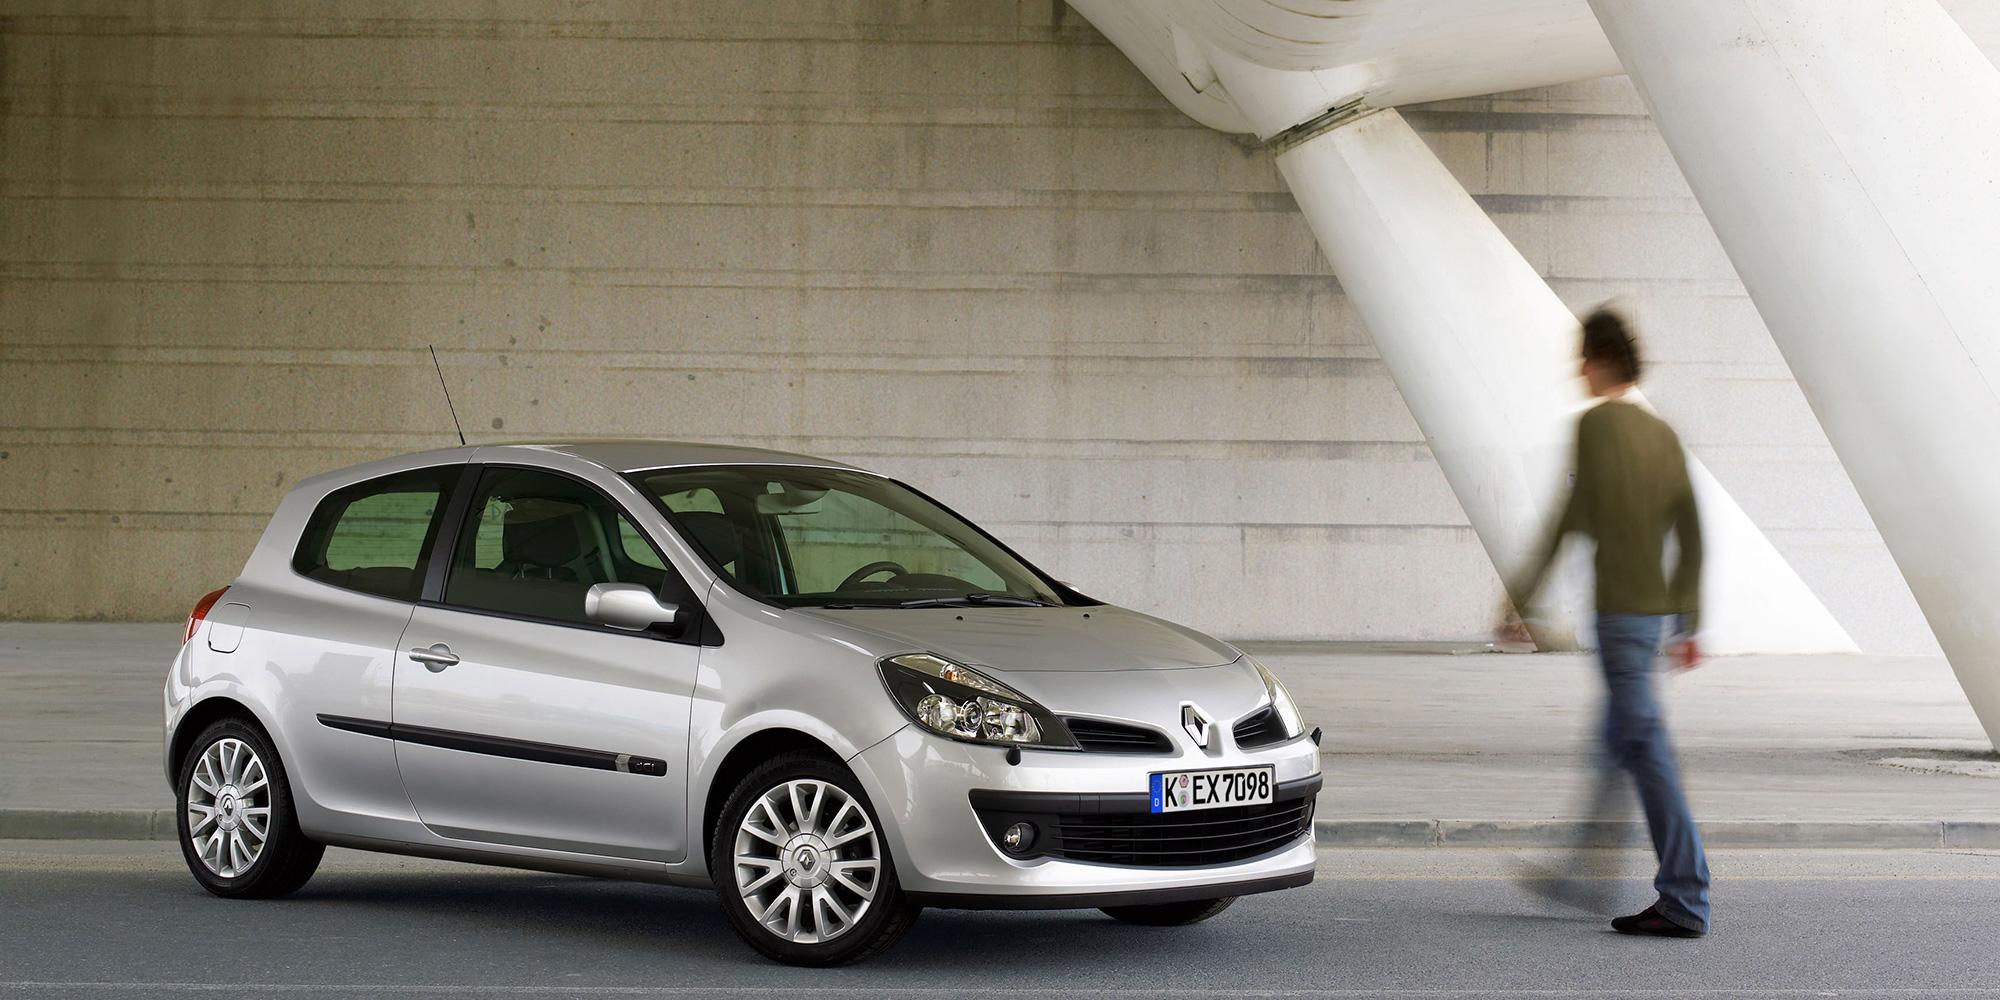 Clio, Dreitürer, 2005